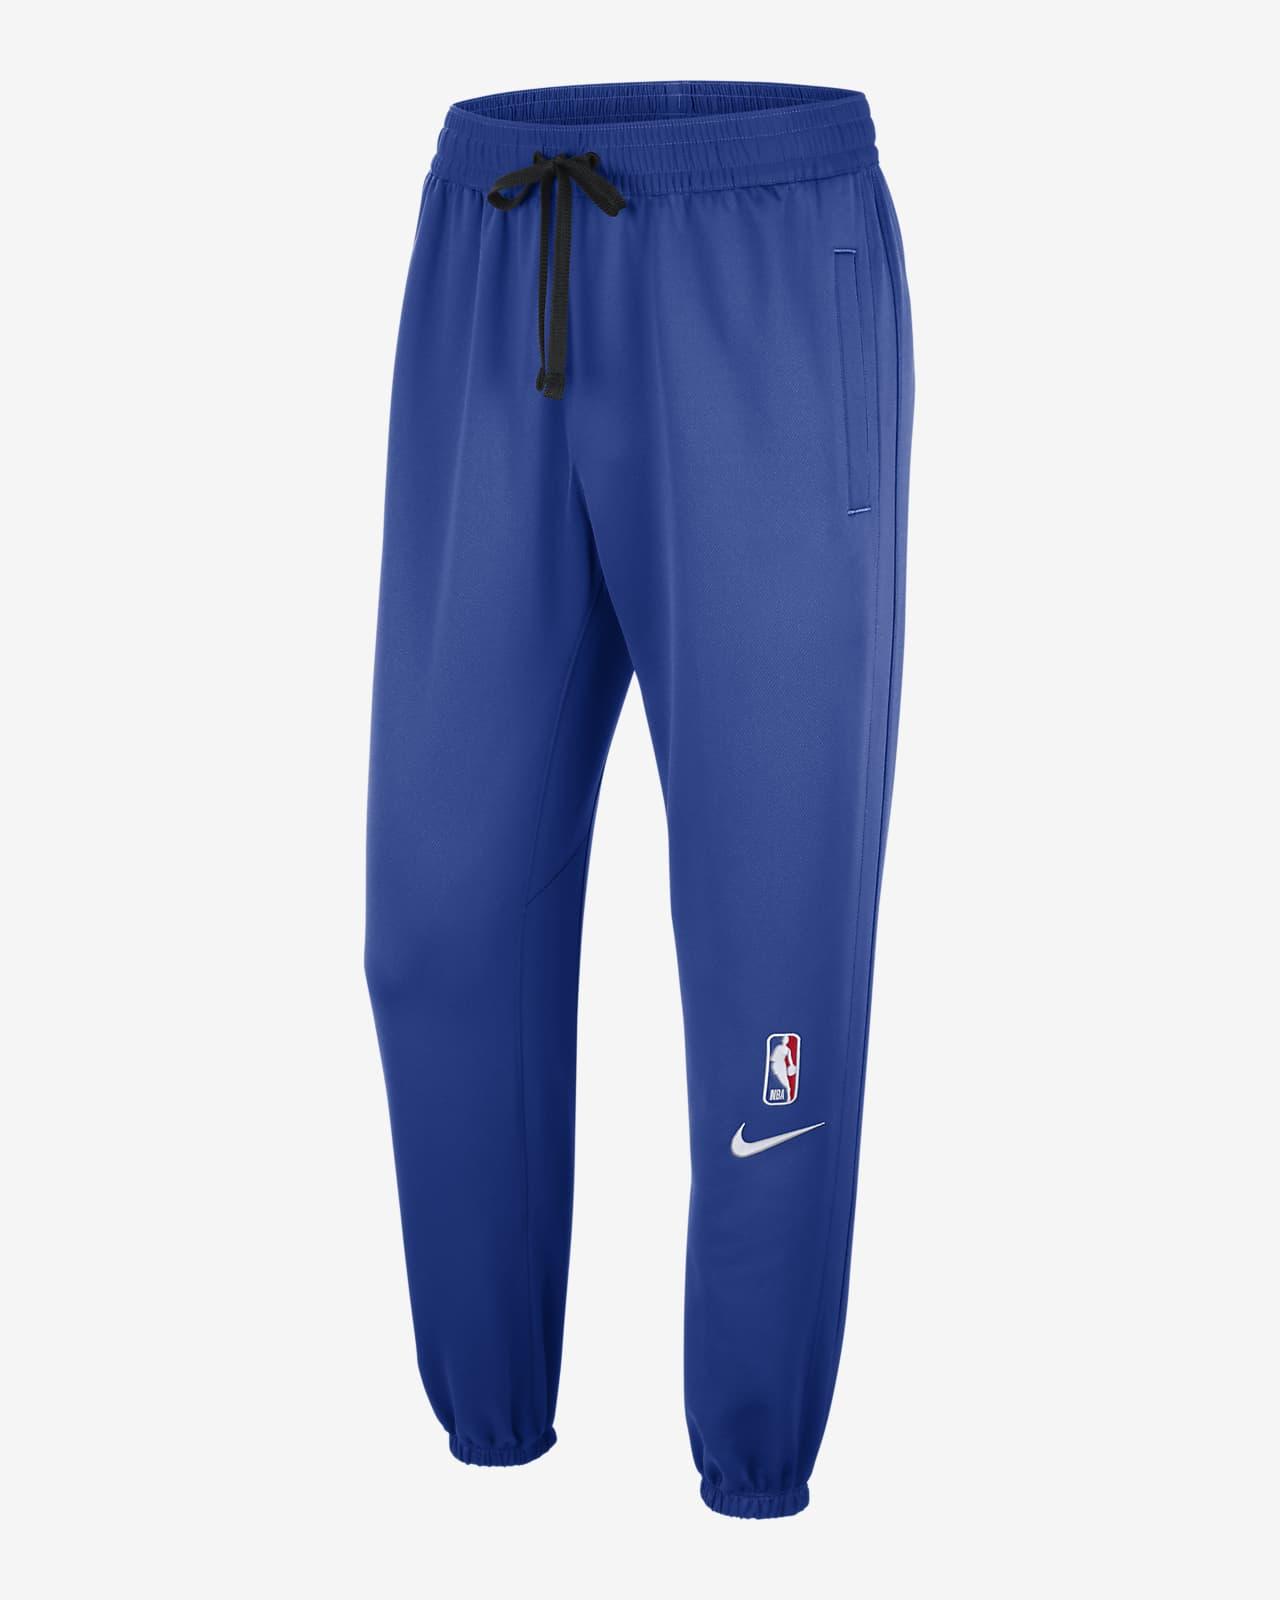 Pantalones de la NBA de Nike Therma Flex para hombre New York knicks Showtime